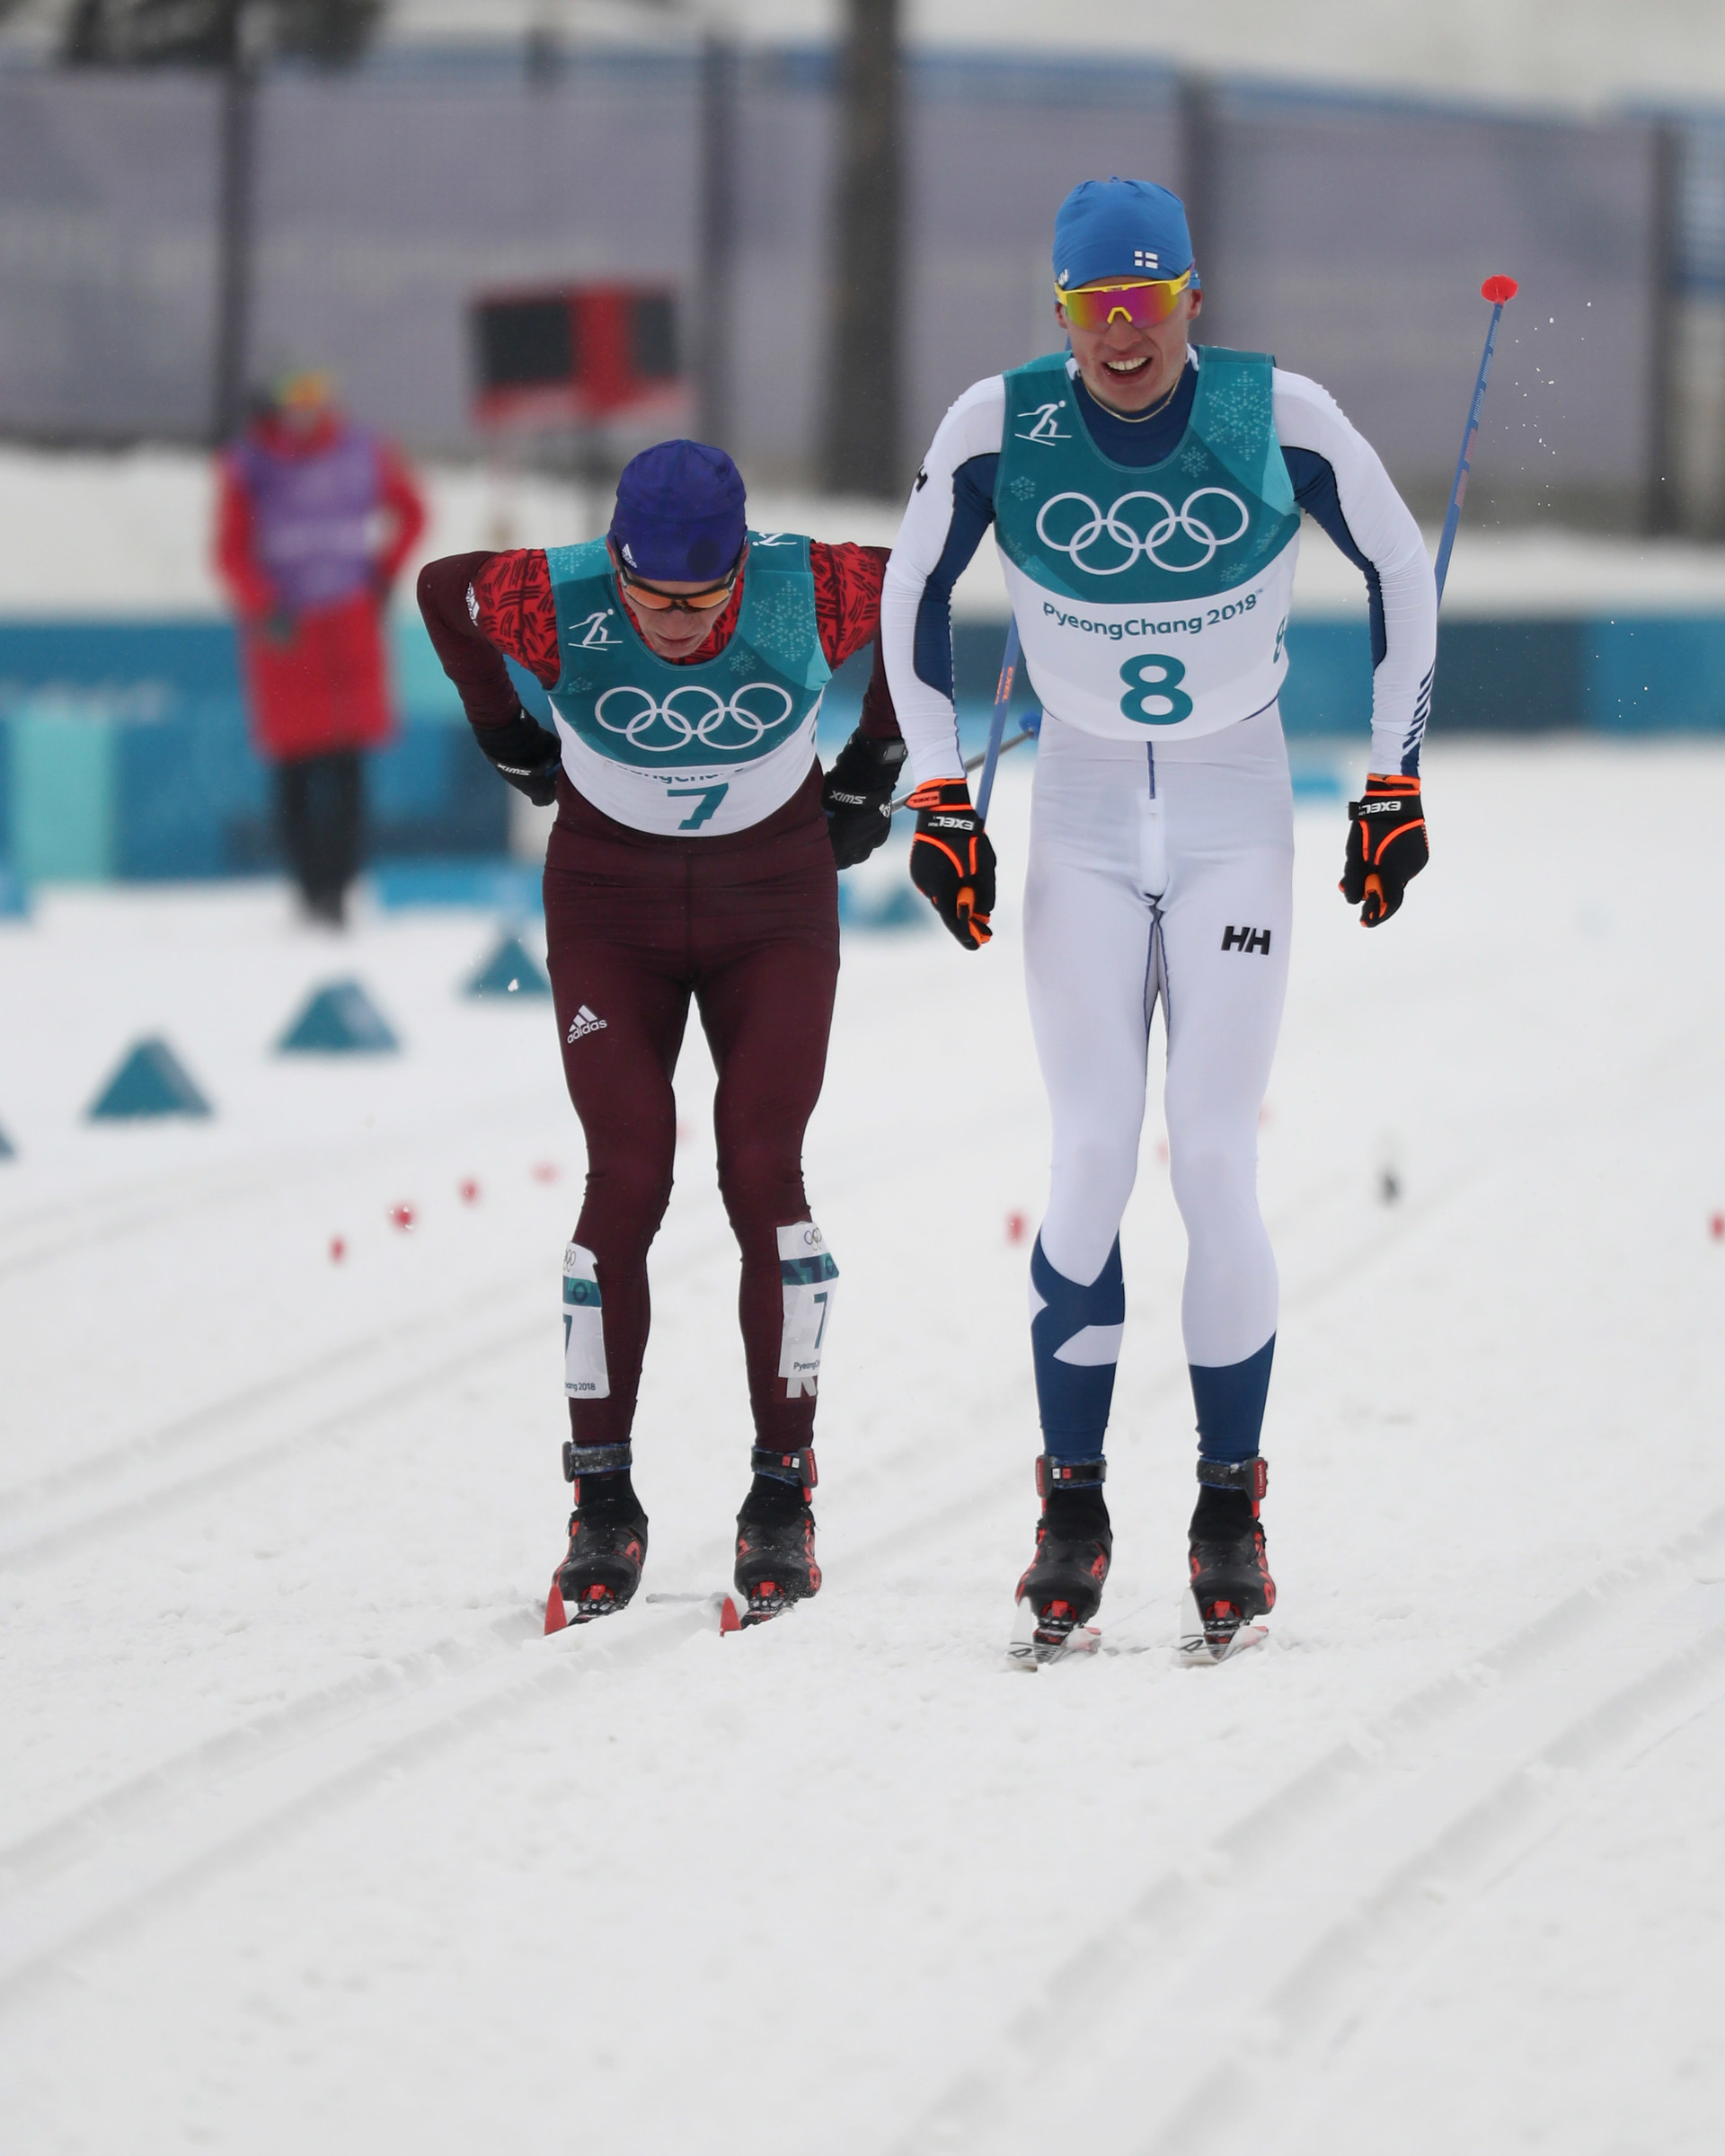 Der entscheidende Moment zwischen Alexander Bolschunow und dem Finnen Iivo Niskanen im Wettkampf um Gold über 50 Kilometer